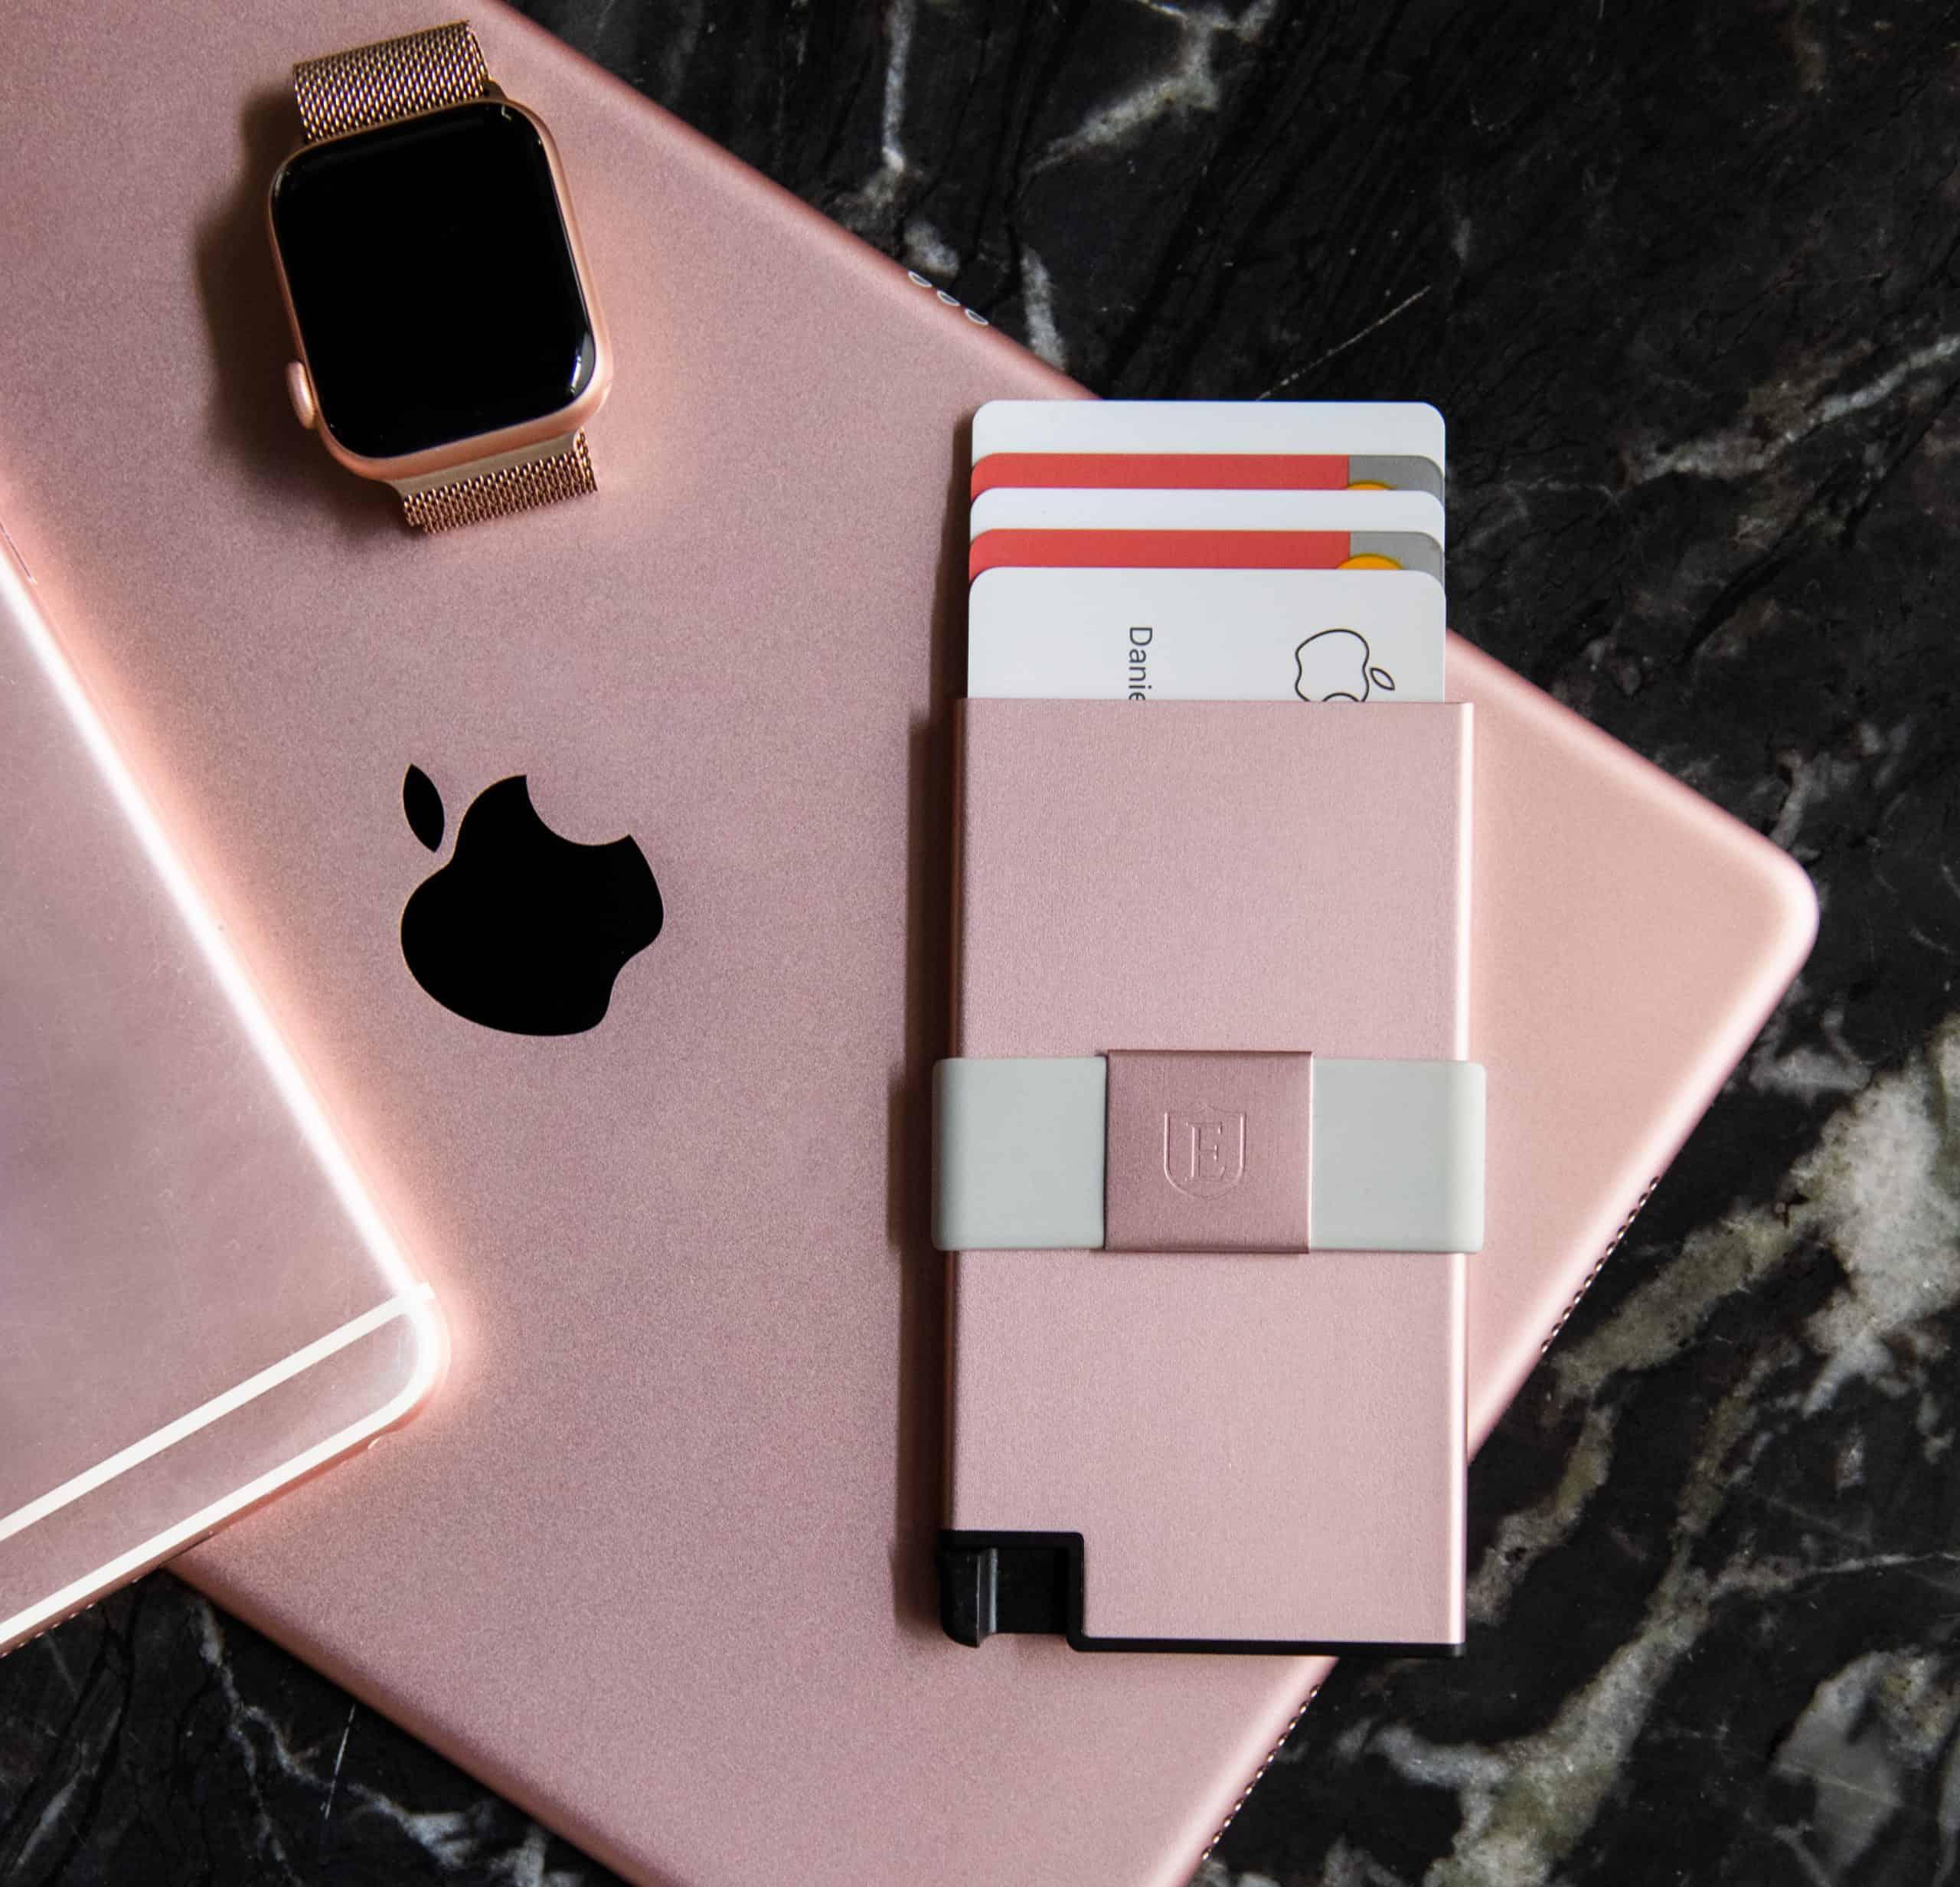 ekster's rose gold wallet